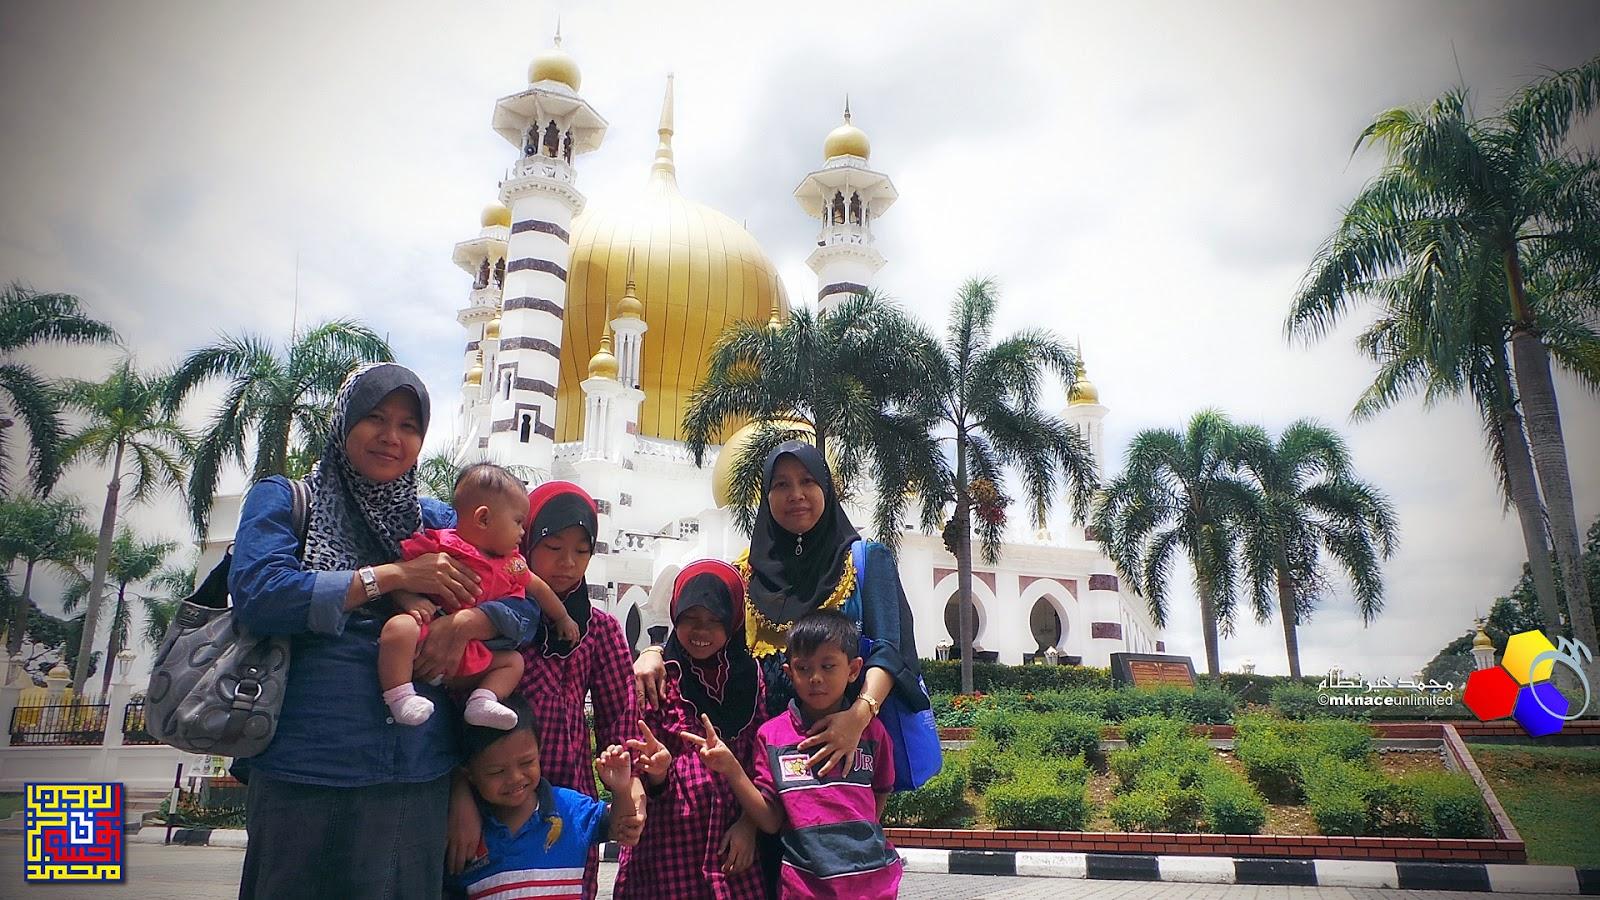 Singgah solat di Masjid Ubudiah Kuala Kangsar